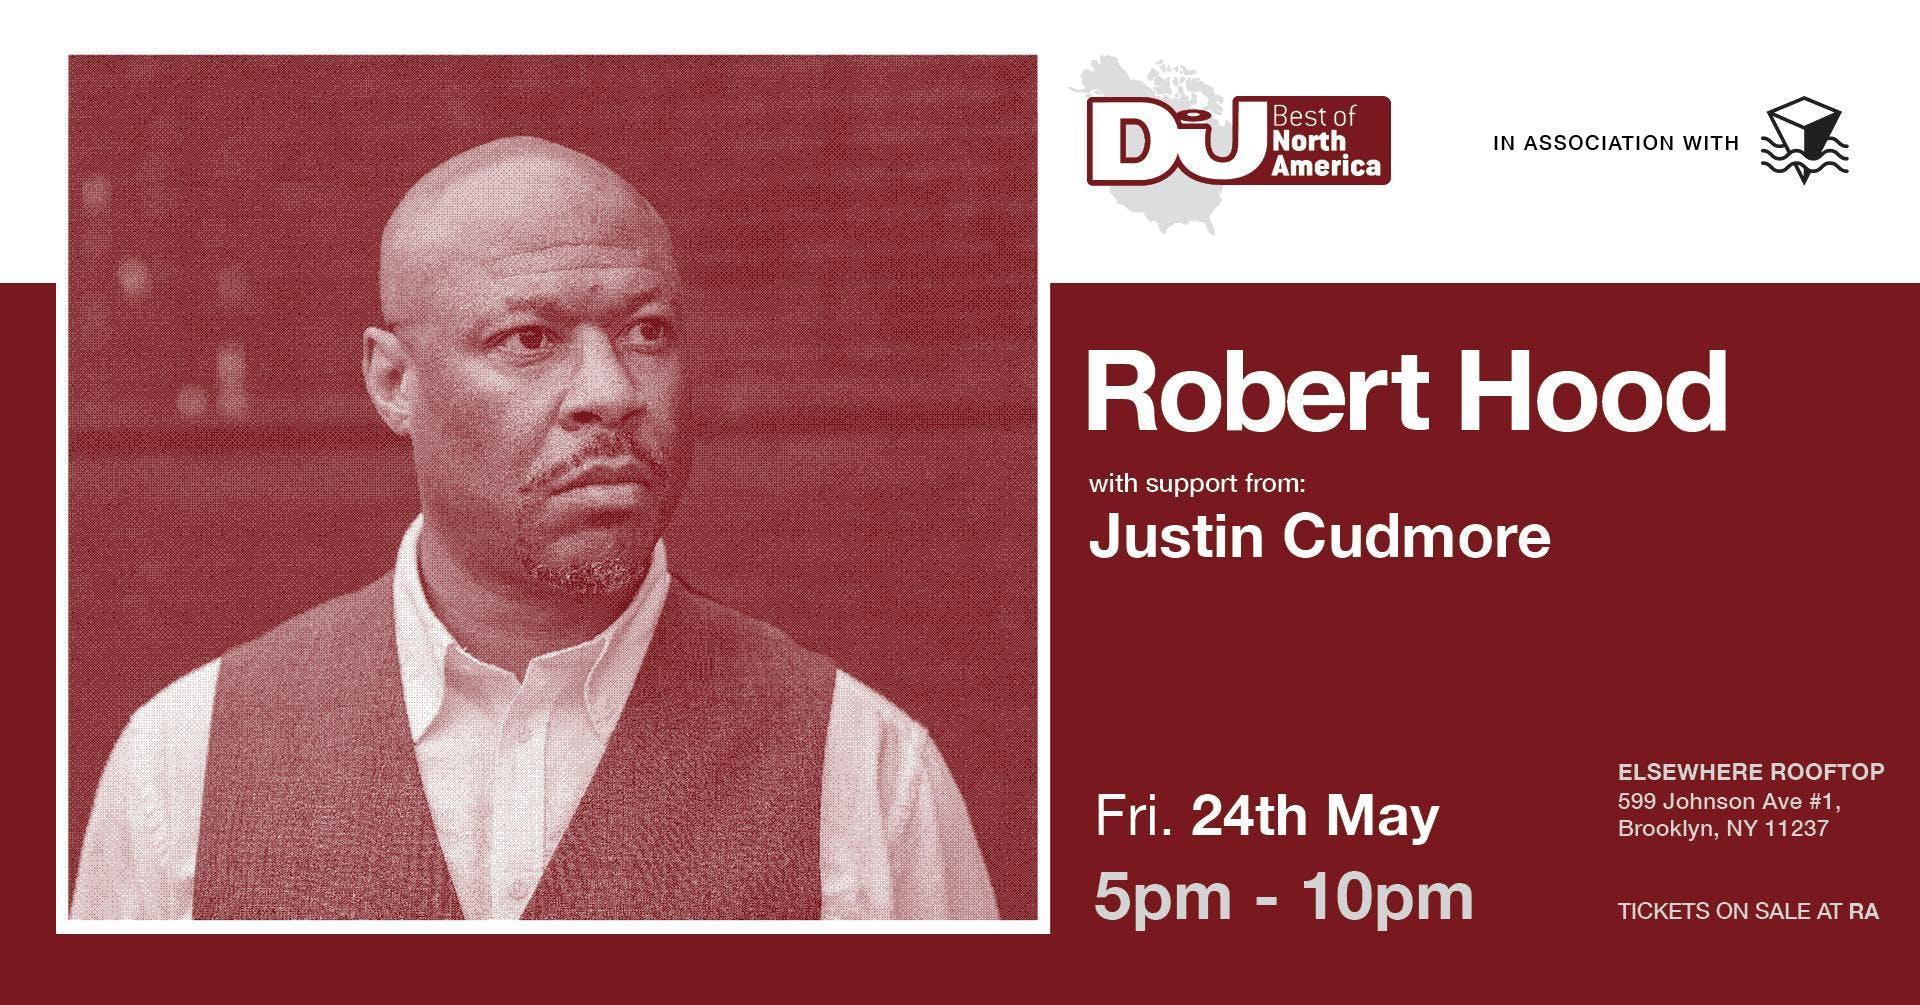 DJ Mag Best of North America w/ Robert Hood + Justin Cudmore